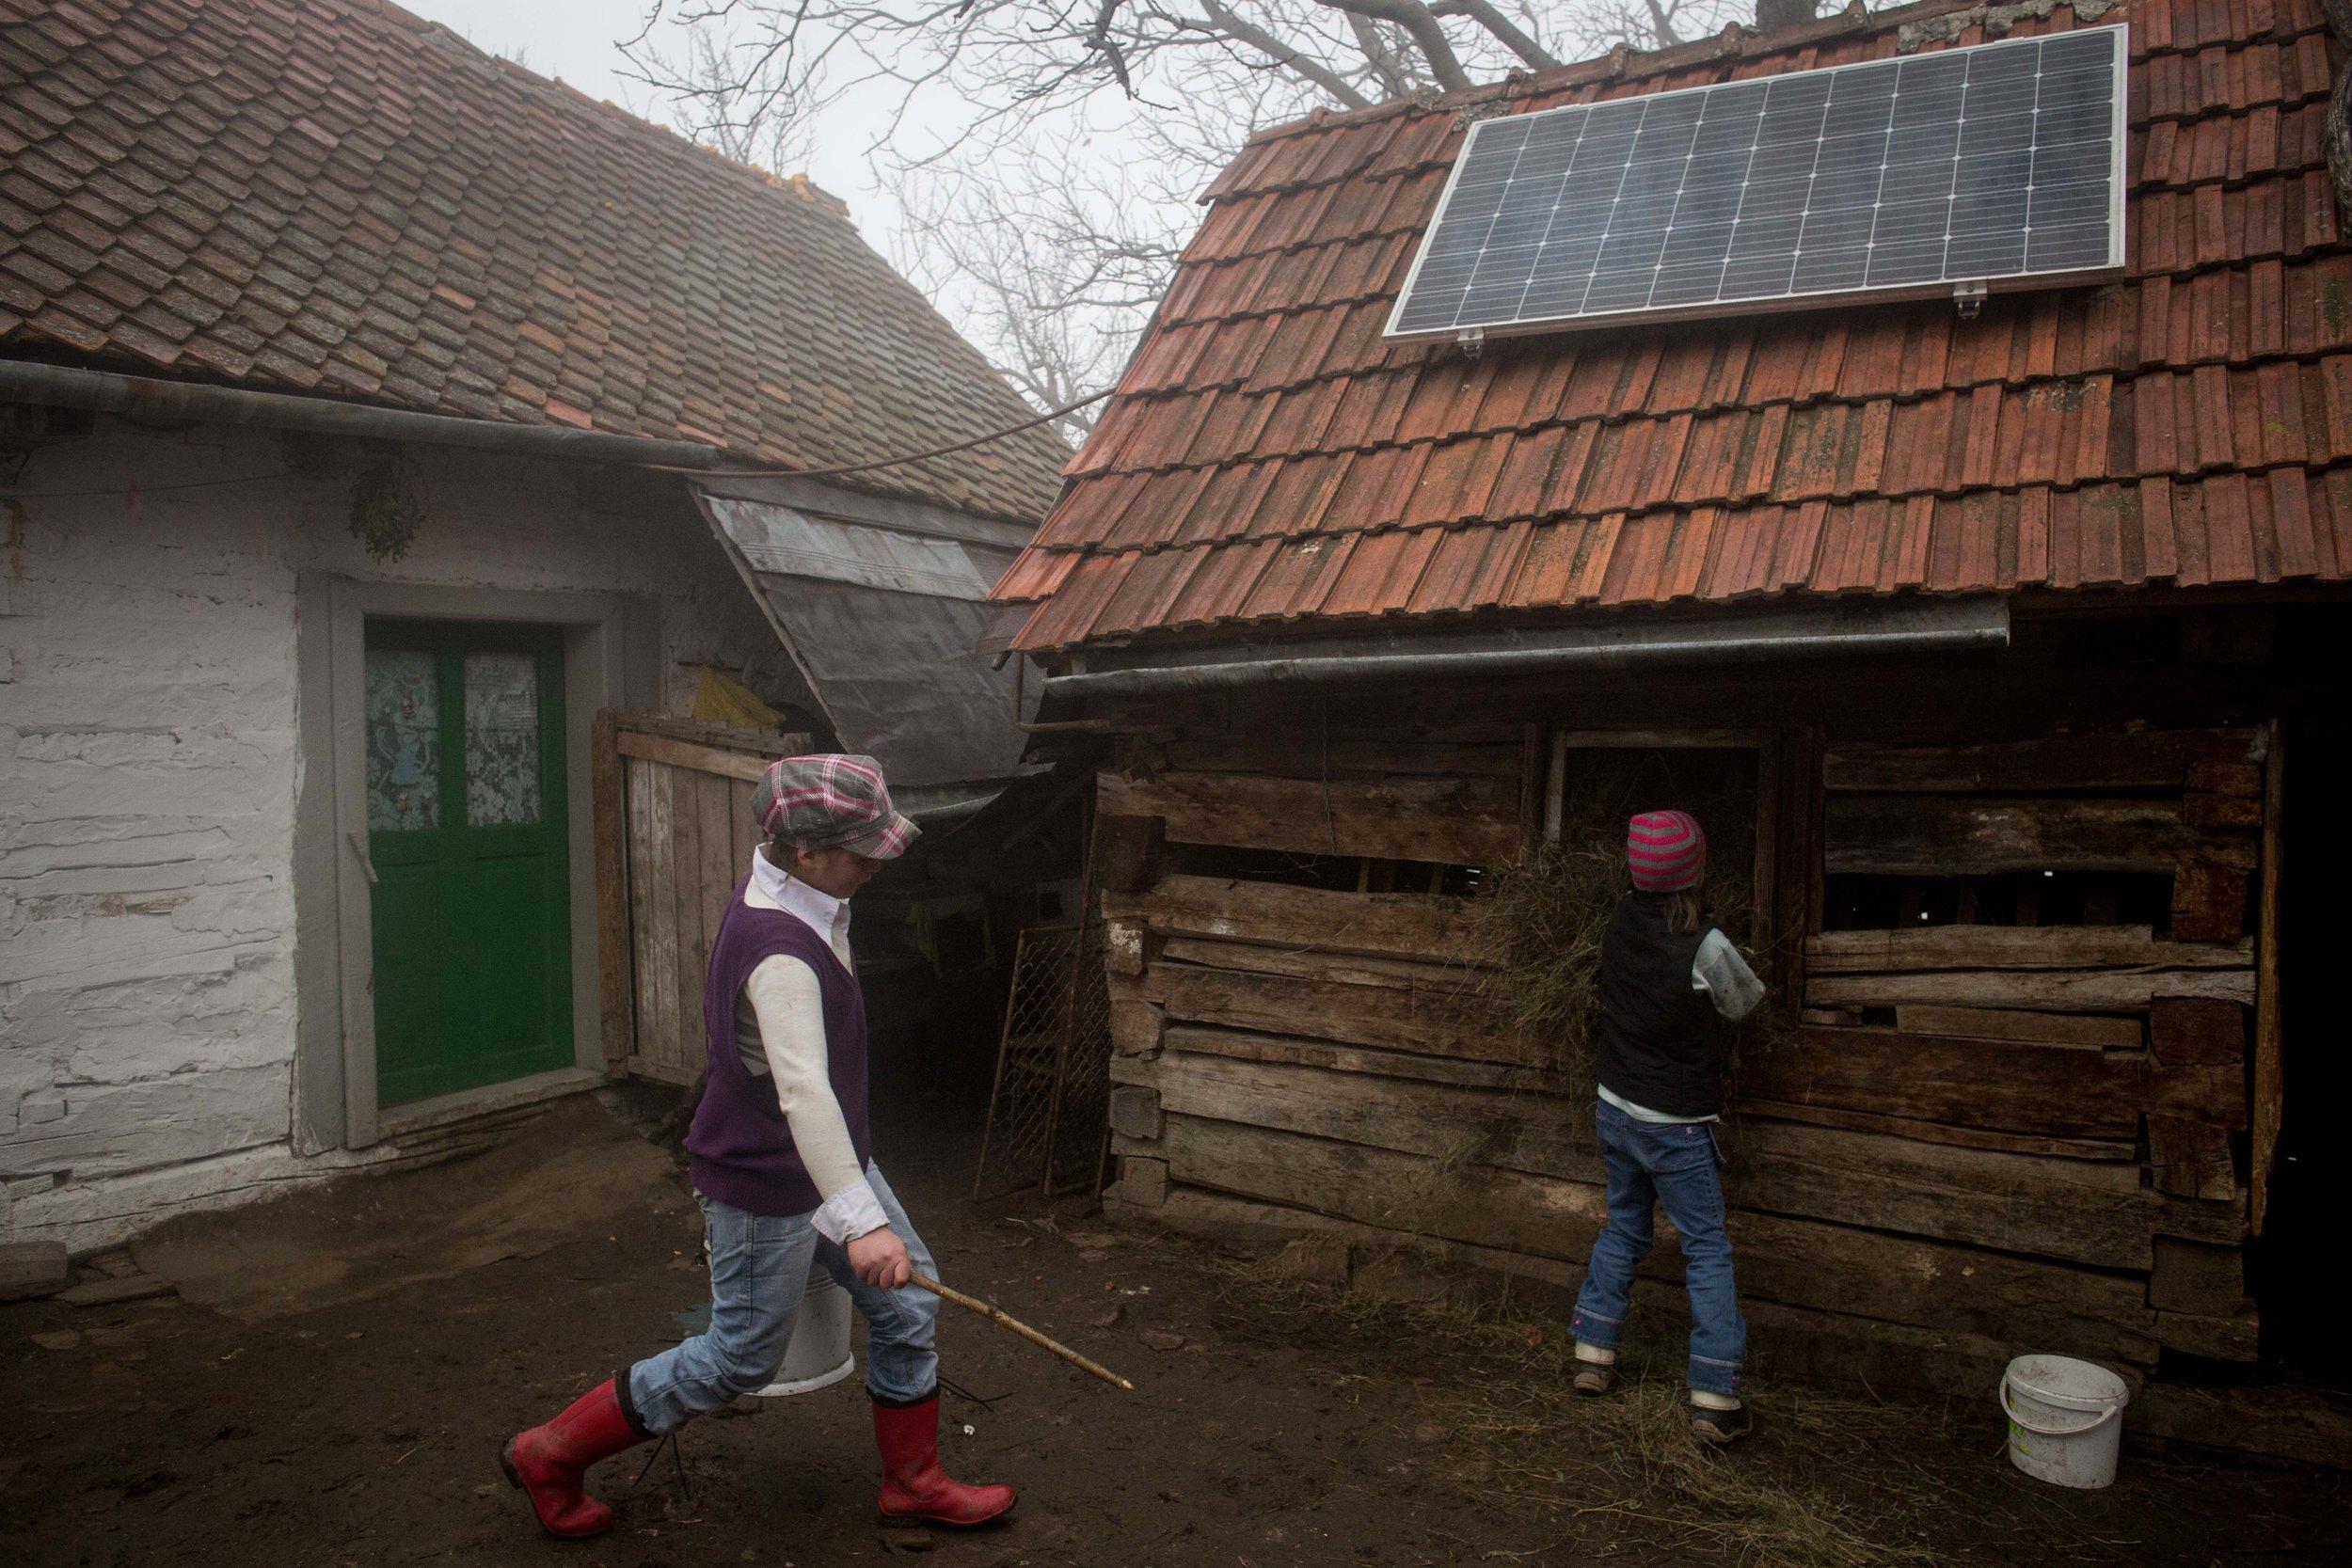 Romania: Bogdan Dinca